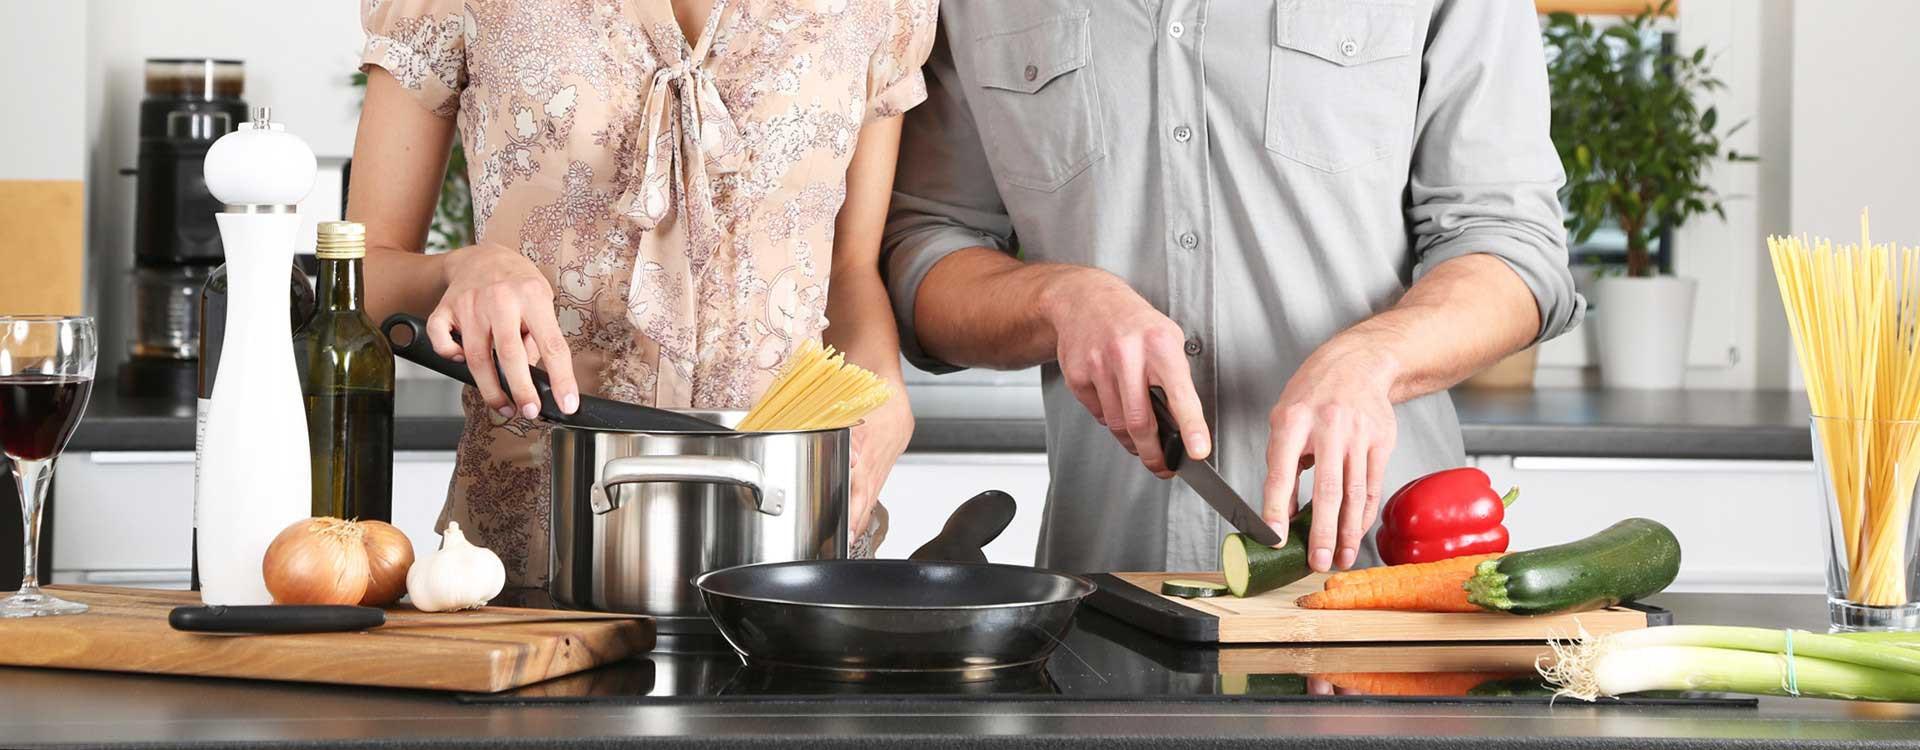 Najbardziej przydatne naczynia kuchenne. Część I: wielofunkcyjna brytfanna